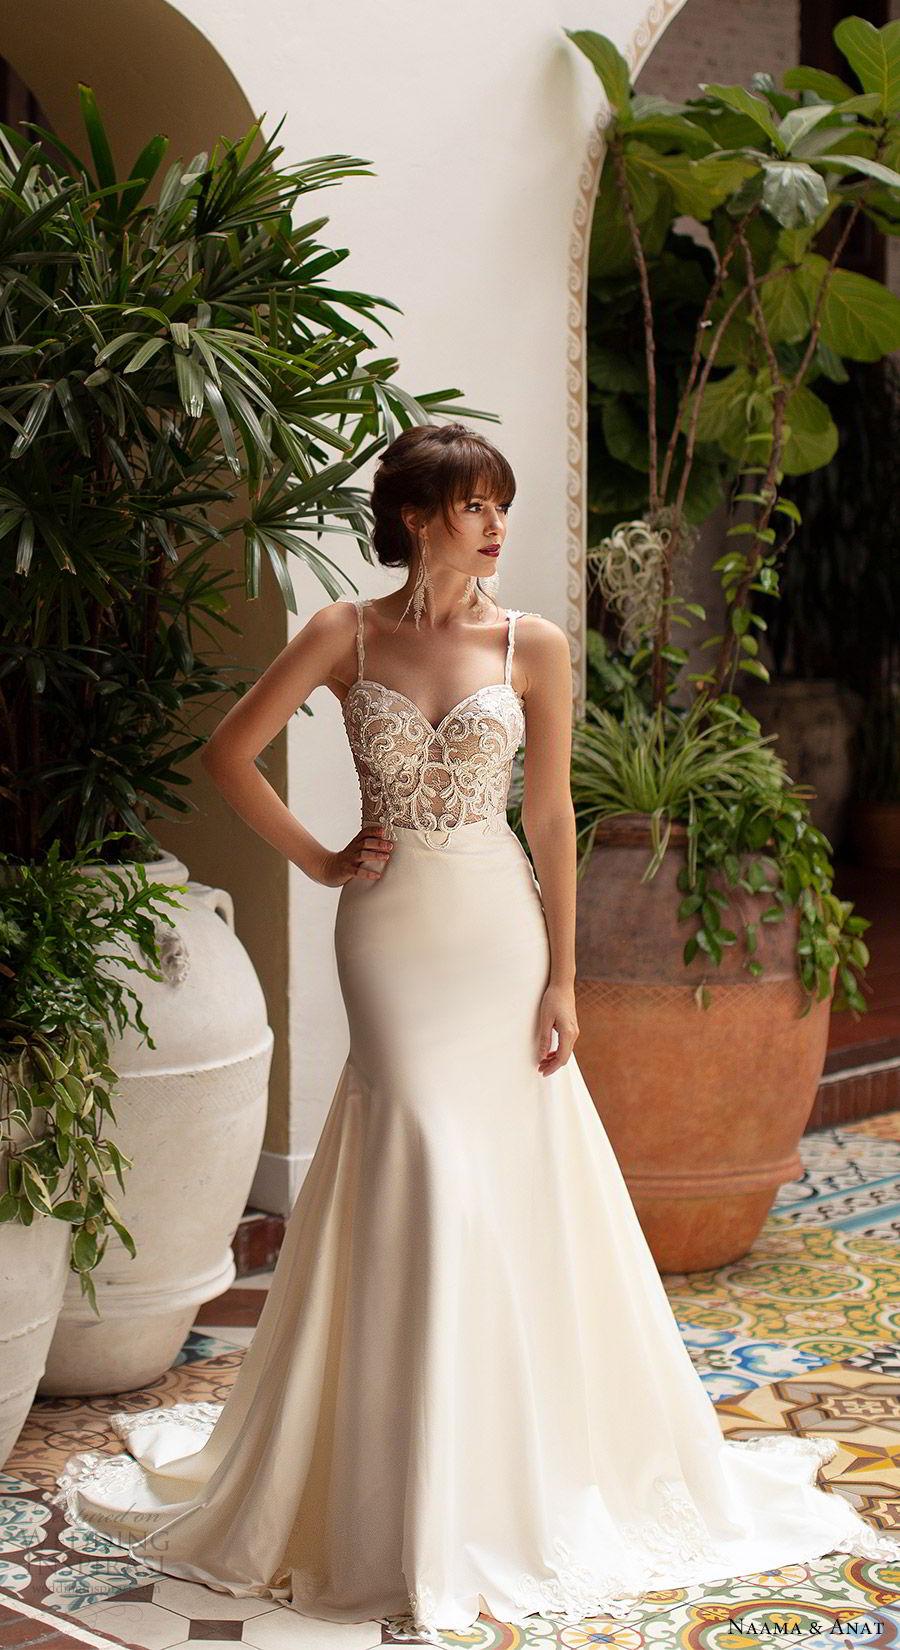 naama anat 2019 bridal sleeveless beaded straps embellished bodice fit flare wedding dress chapel train elegant romantic (1) mv